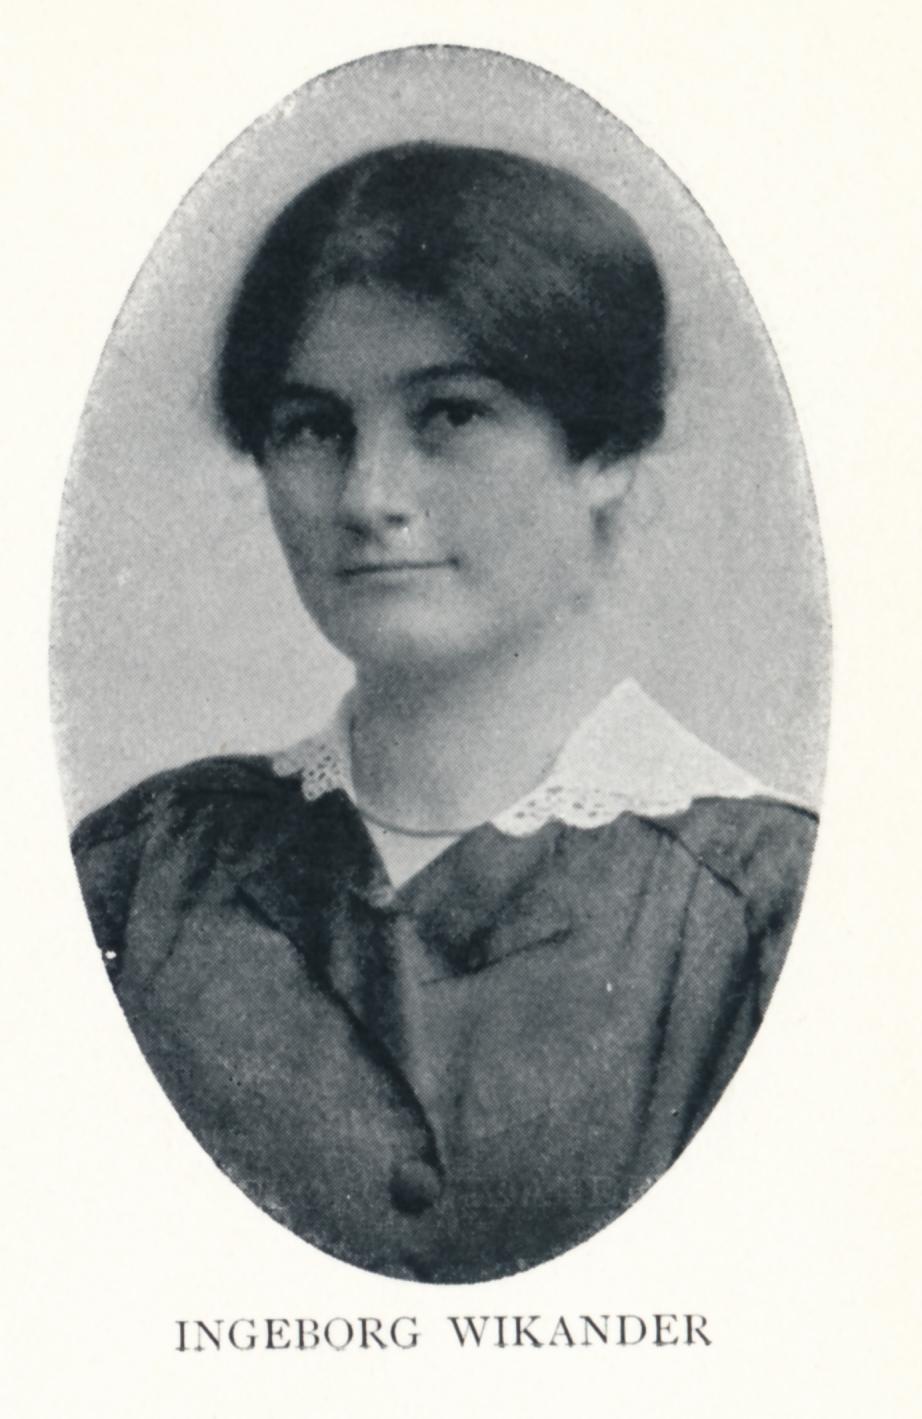 Ingeborg Wikander avbildad i Svenska kyrkans missionsarbetare 1876-1916. Fotograf och år okända. Bildkälla: Svenskt Porträttarkiv (CC-BY-SA 4.0)